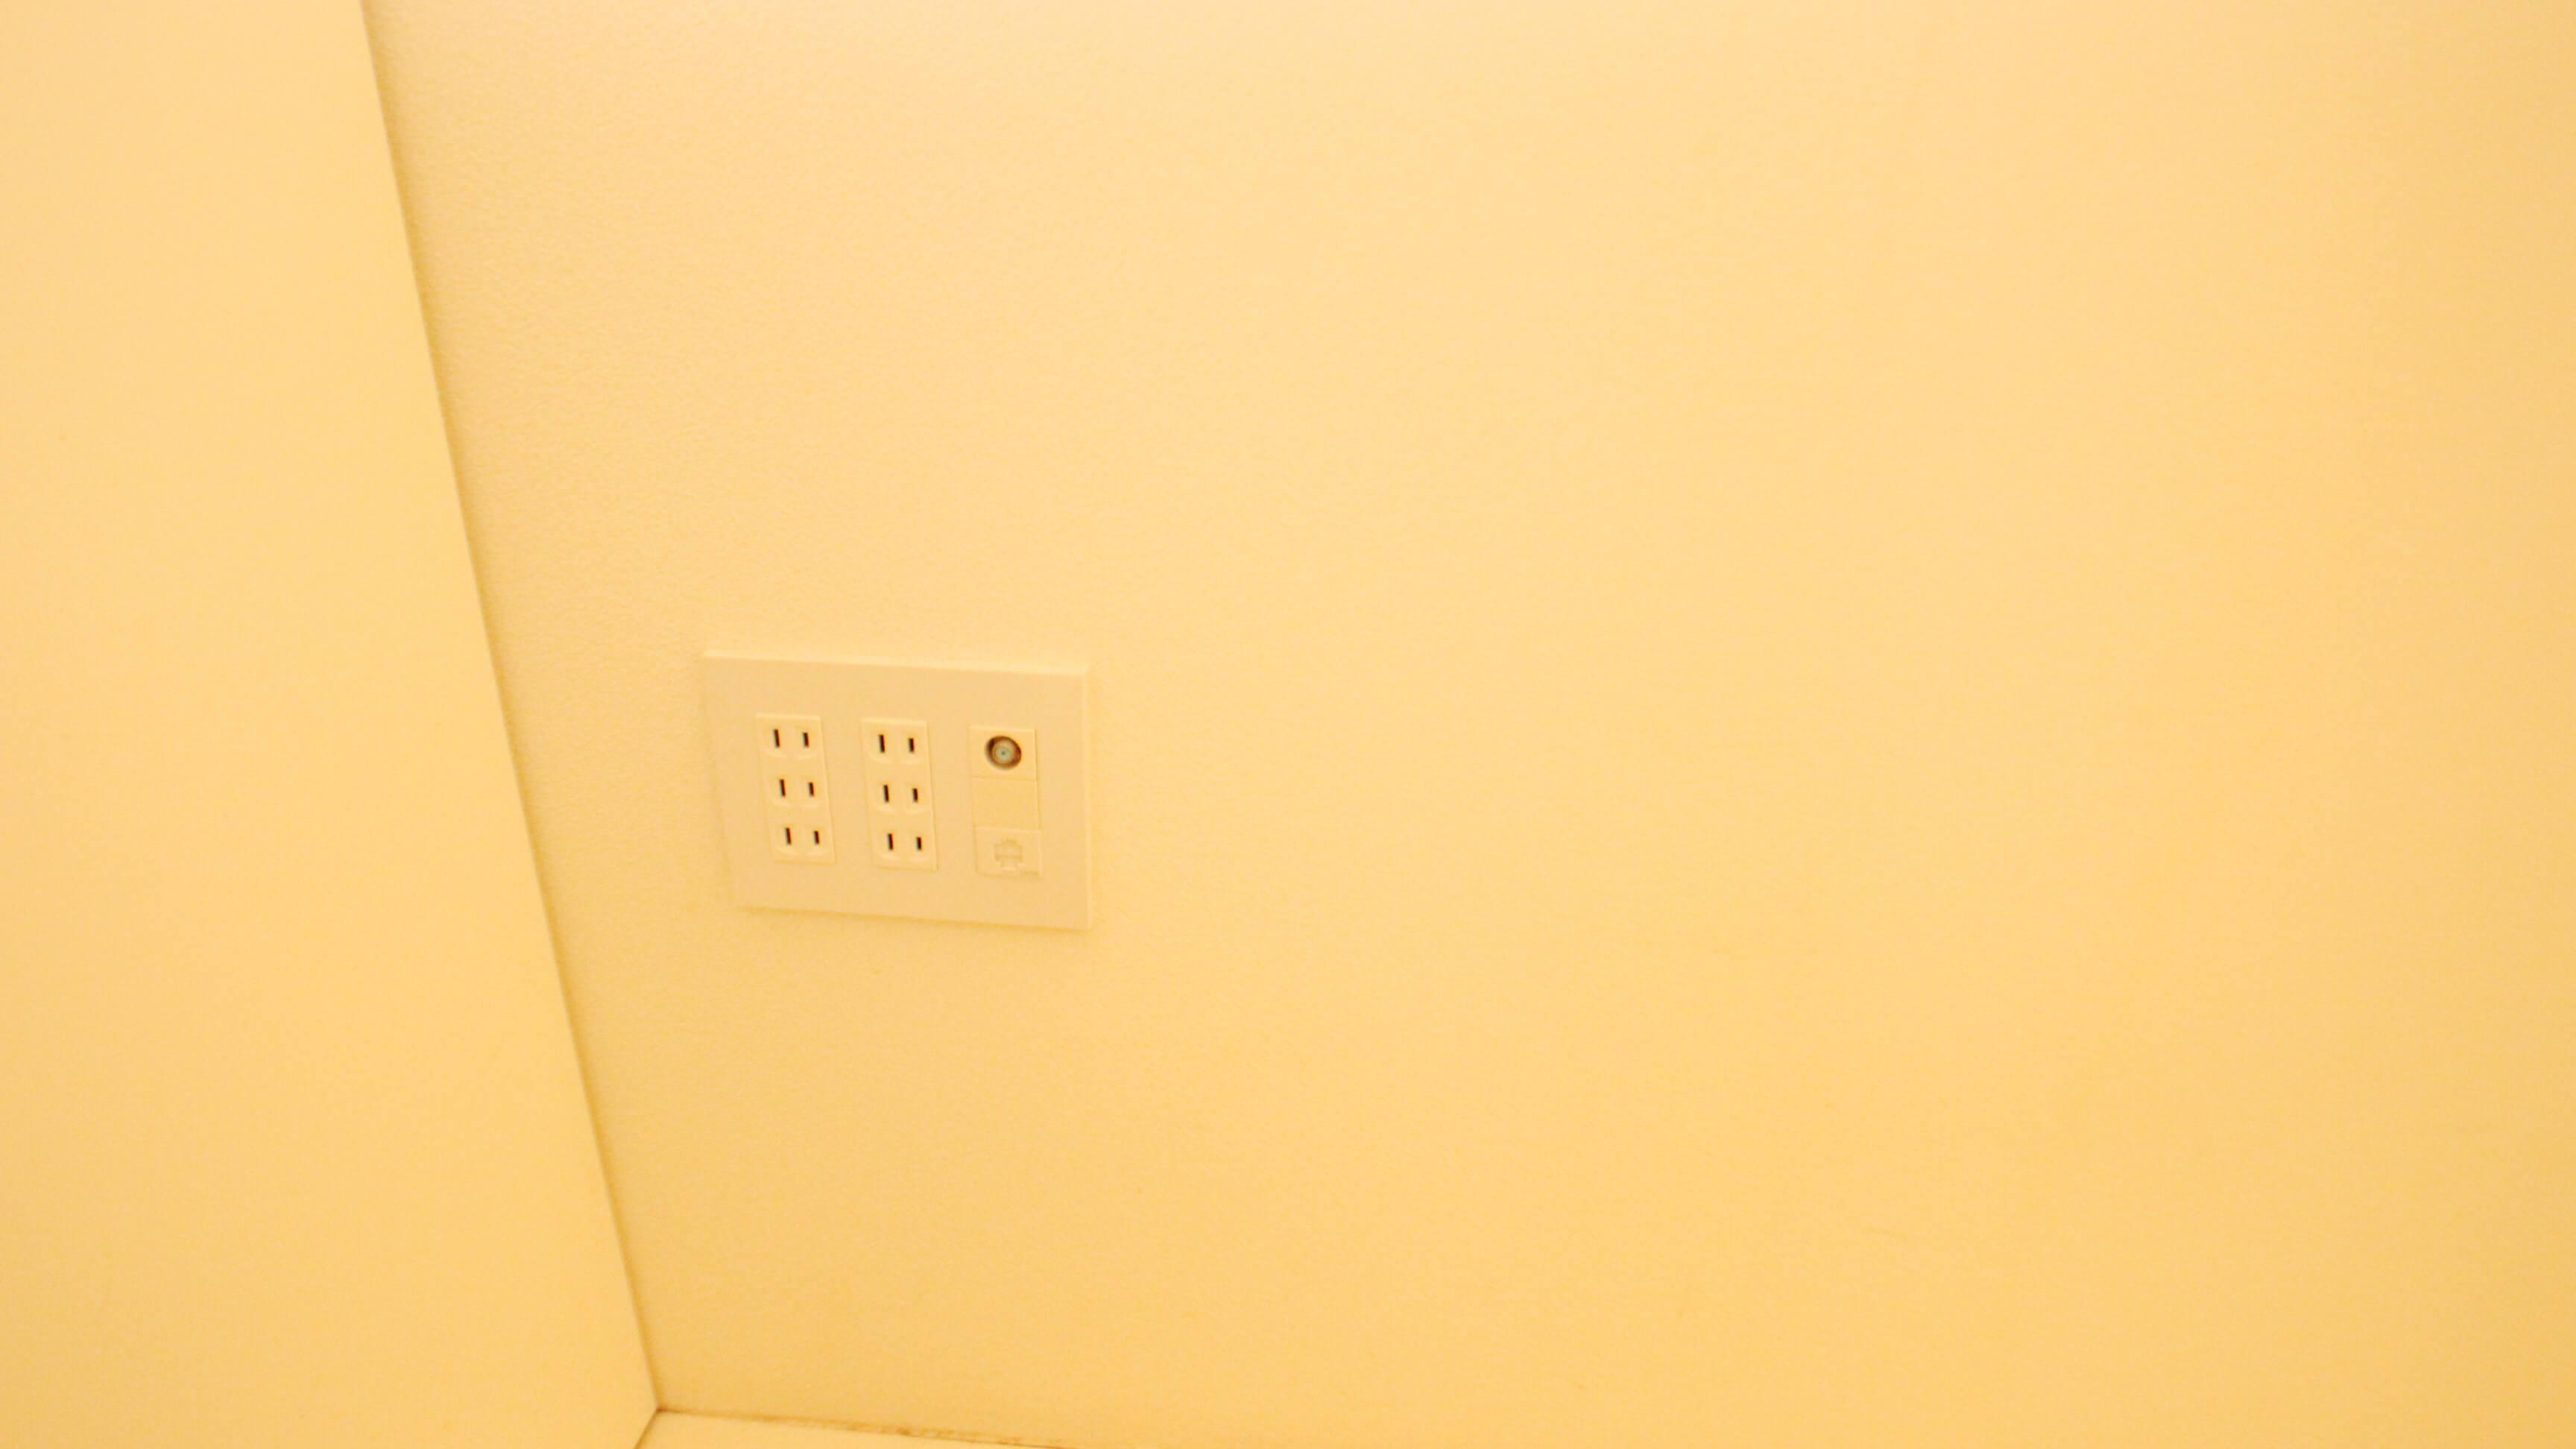 この物件、コンセント多めです。これは1Fの壁面にあったコンセント。 2Fにも同様のタイプがありました。 助かりますにゃ。